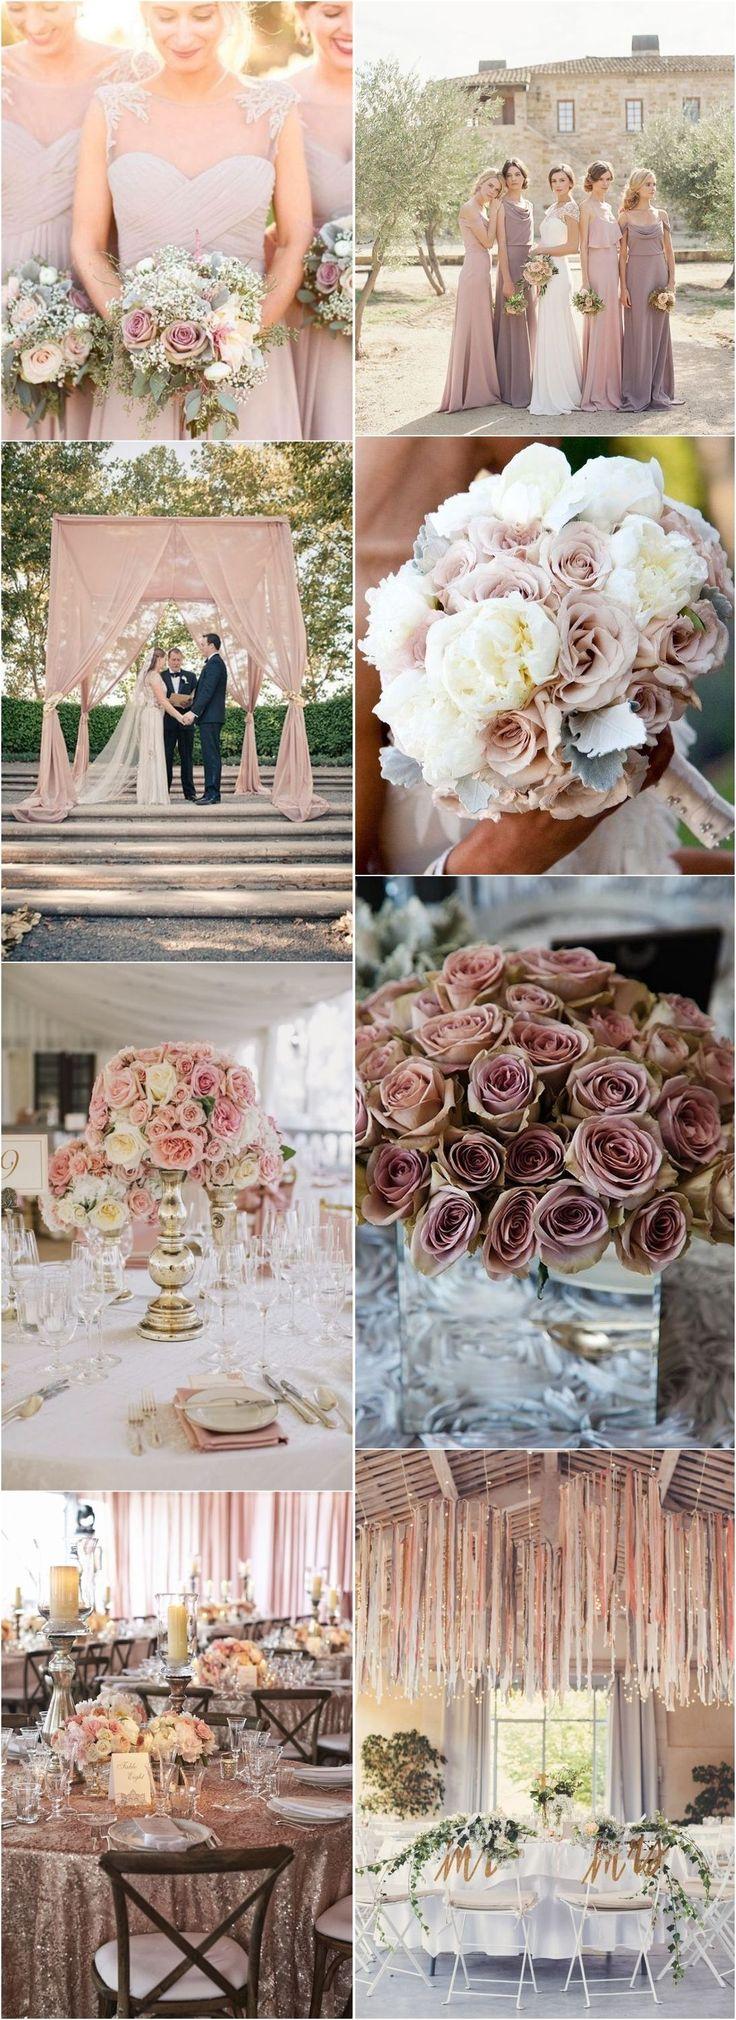 Dusty rose fall wedding color ideas / www.deerpearlflow…